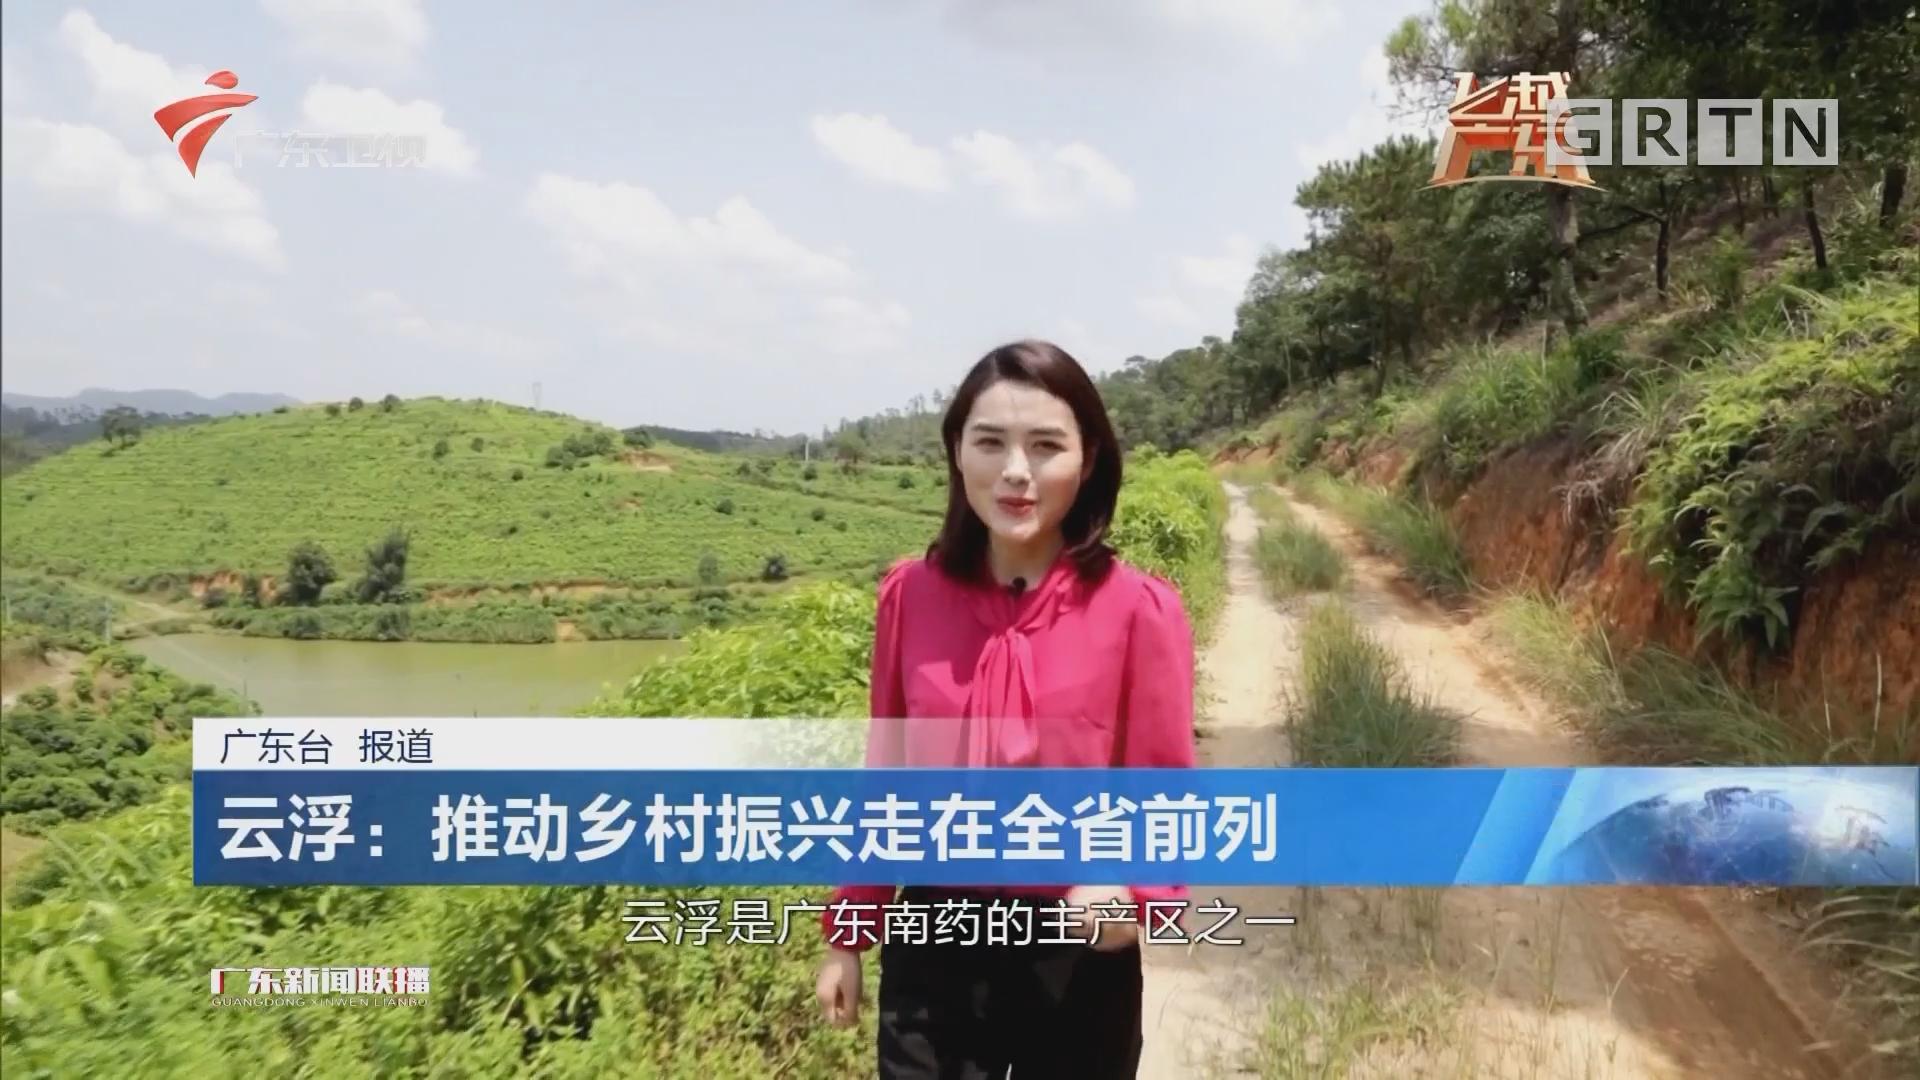 云浮:推动乡村振兴走在全省前列